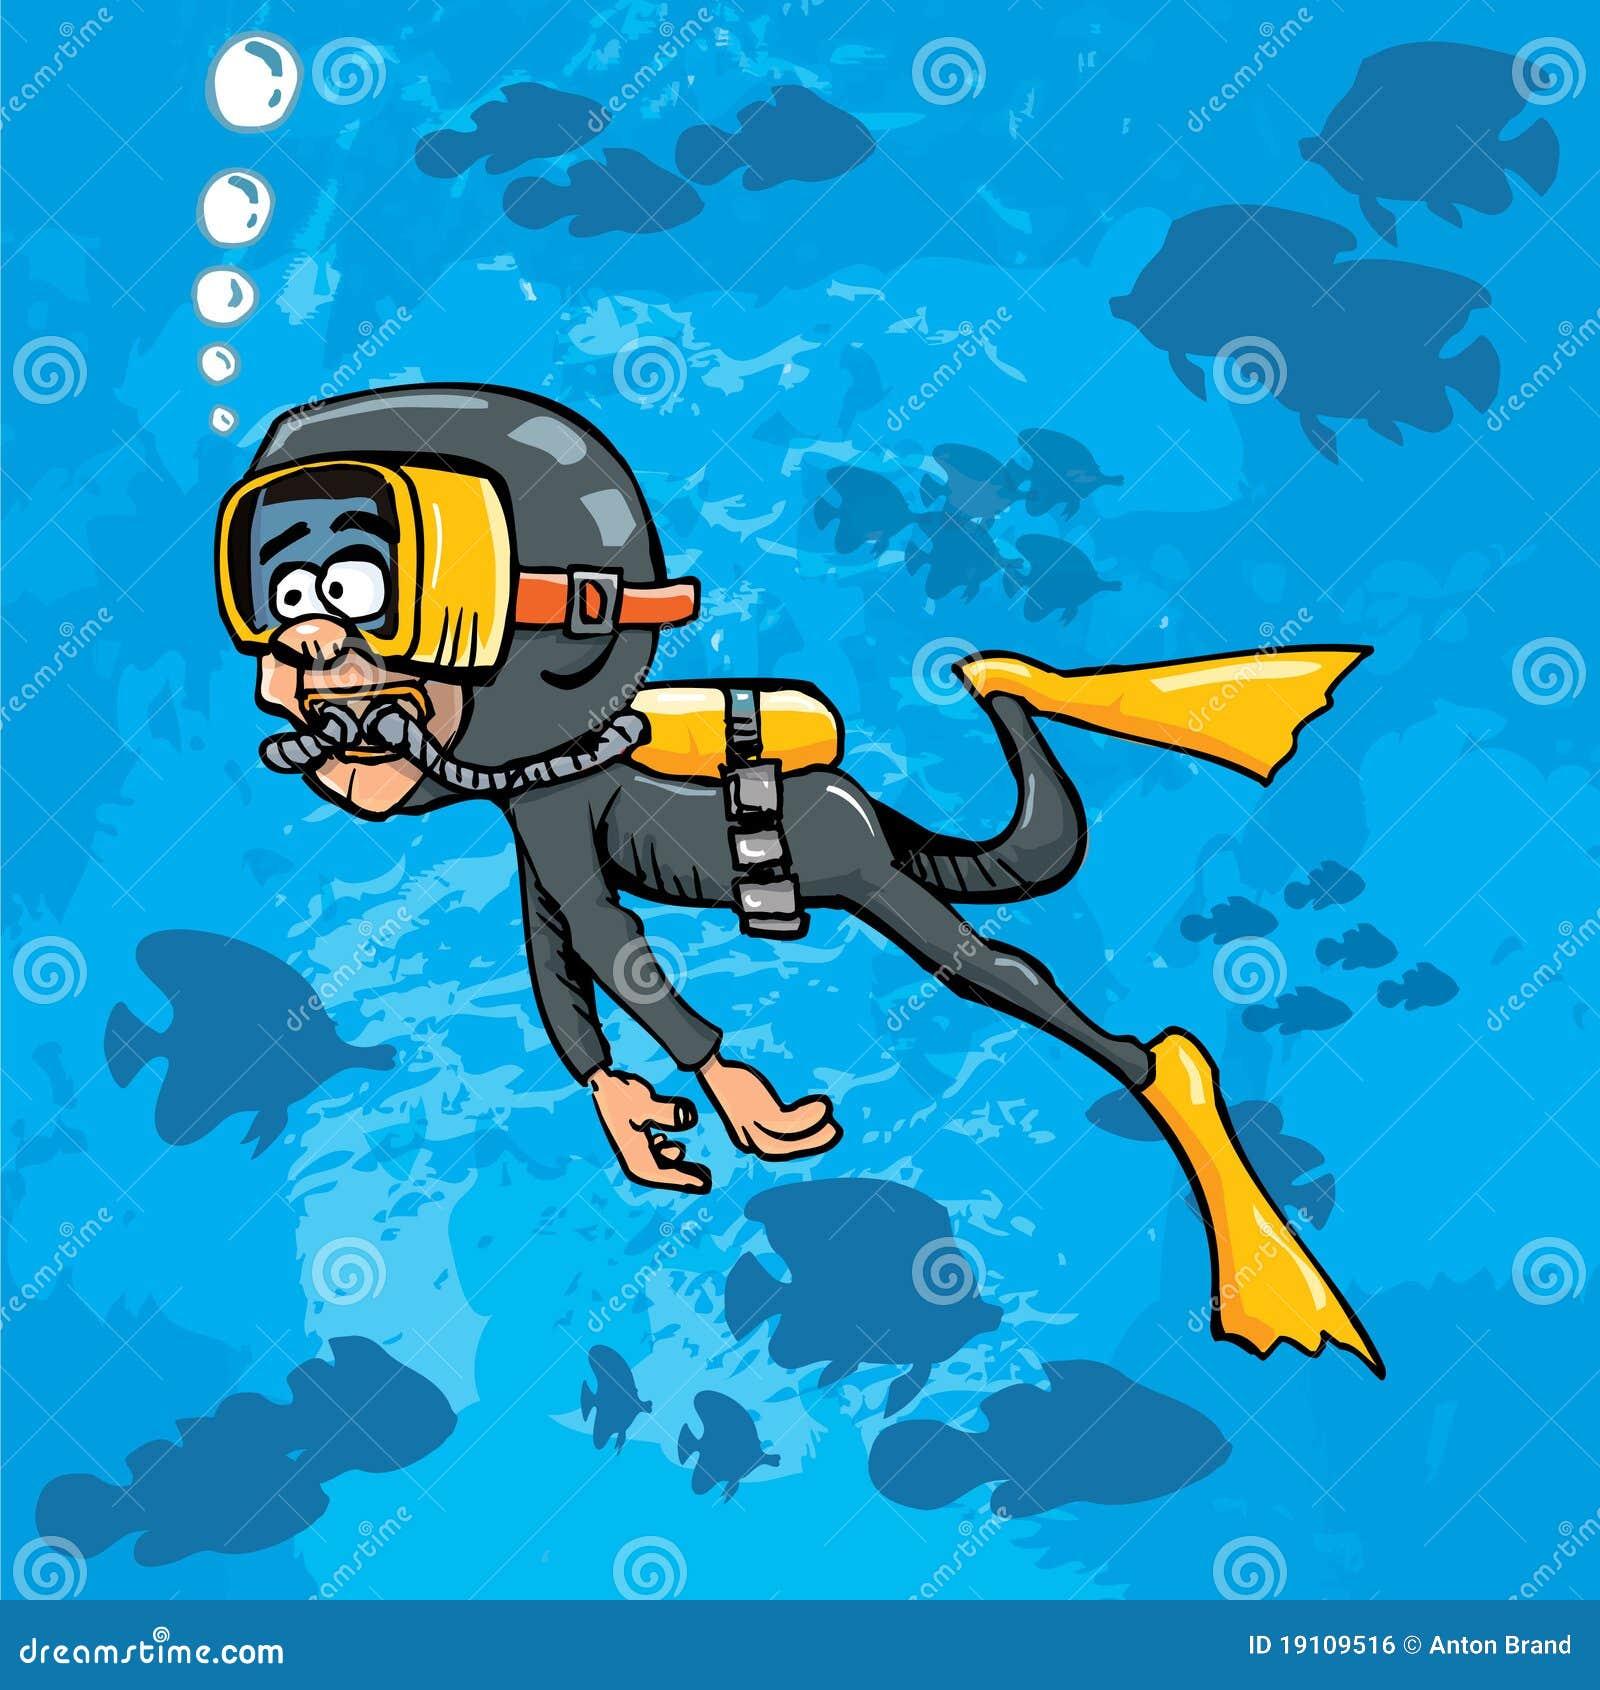 Plongeur de dessin anim nageant sous l 39 eau avec des poissons image libre de droits image - Dessin plongeur ...